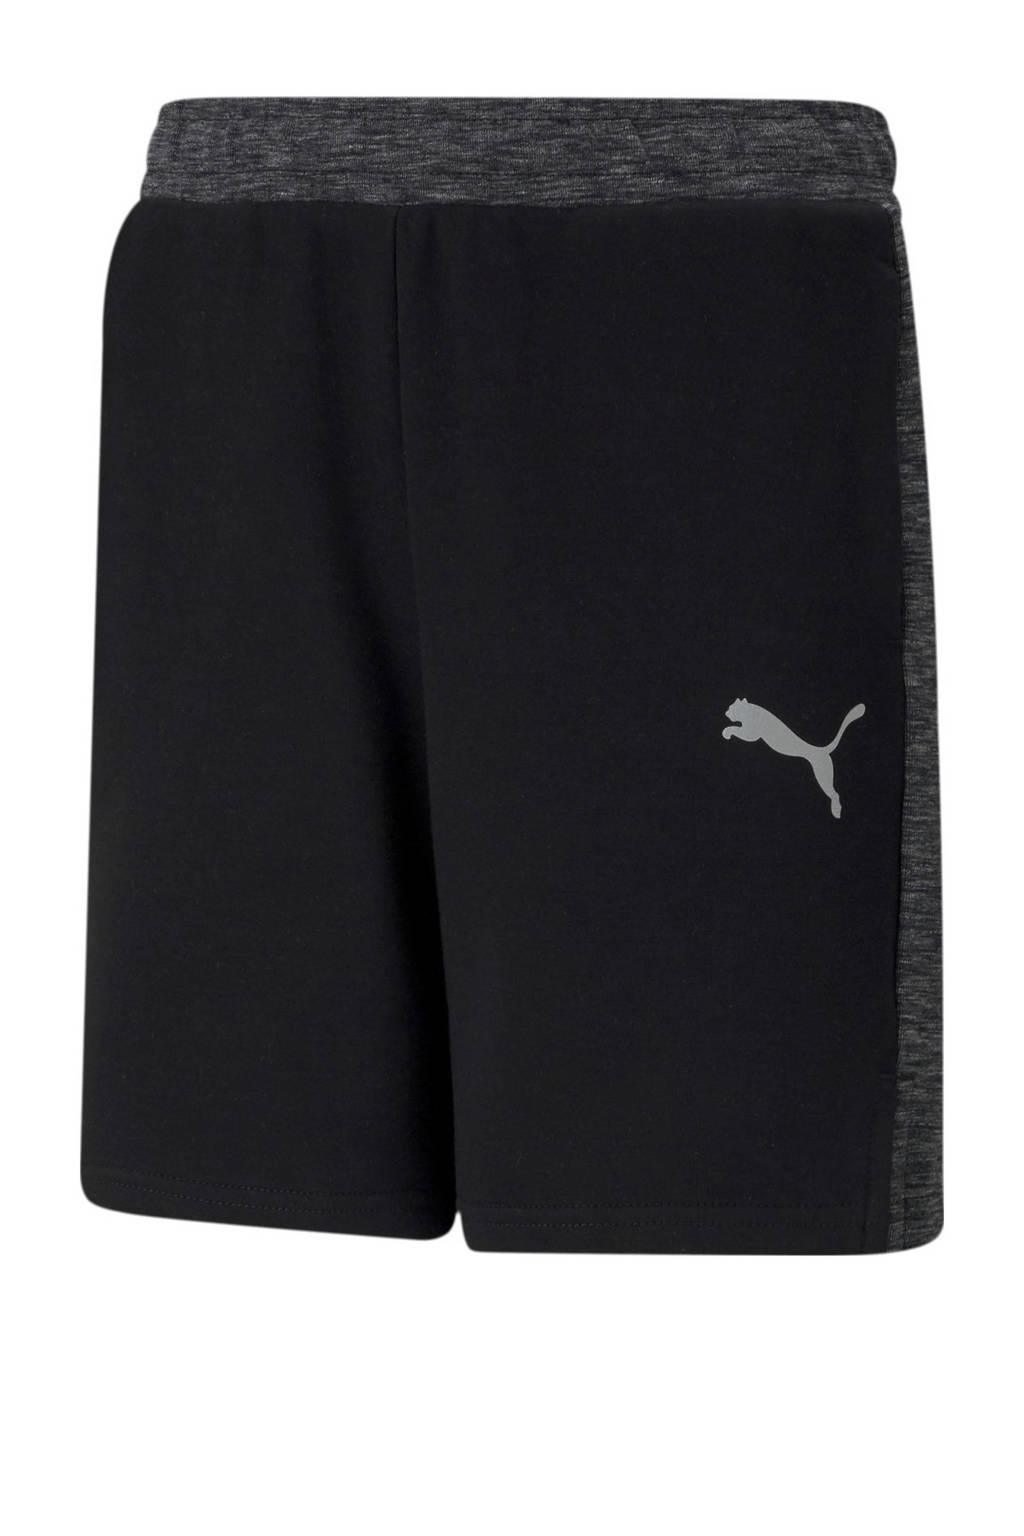 Puma sweatshort zwart/grijs, Zwart/grijs